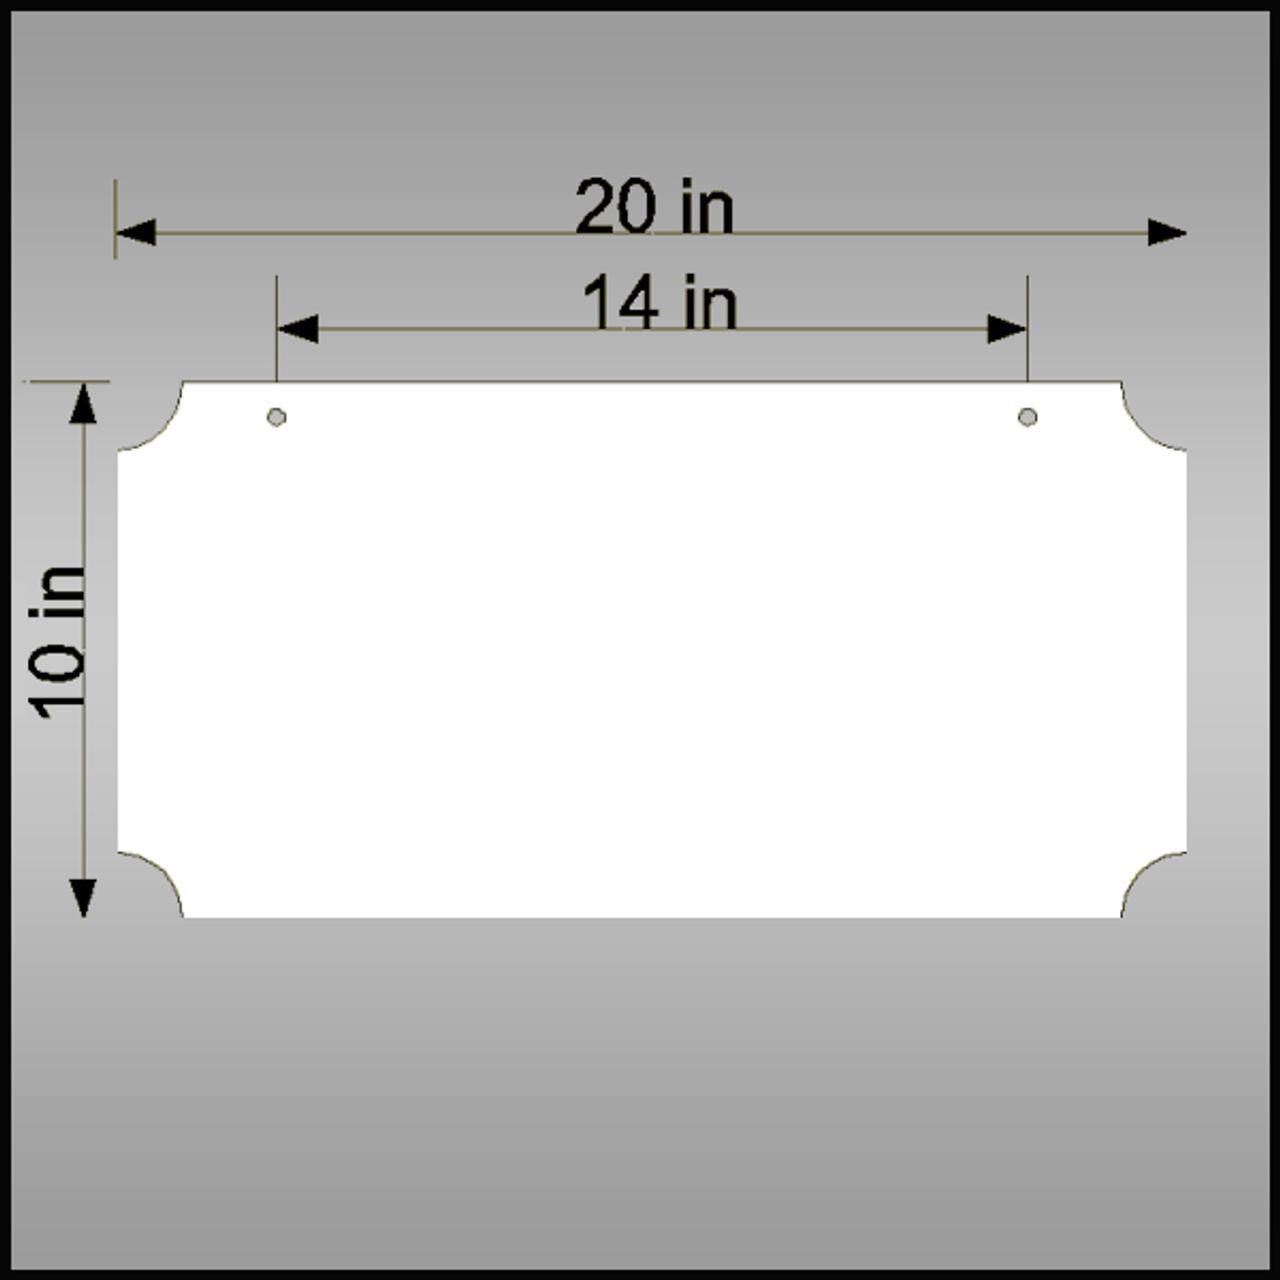 X-AB-INVT-063-1020-C20